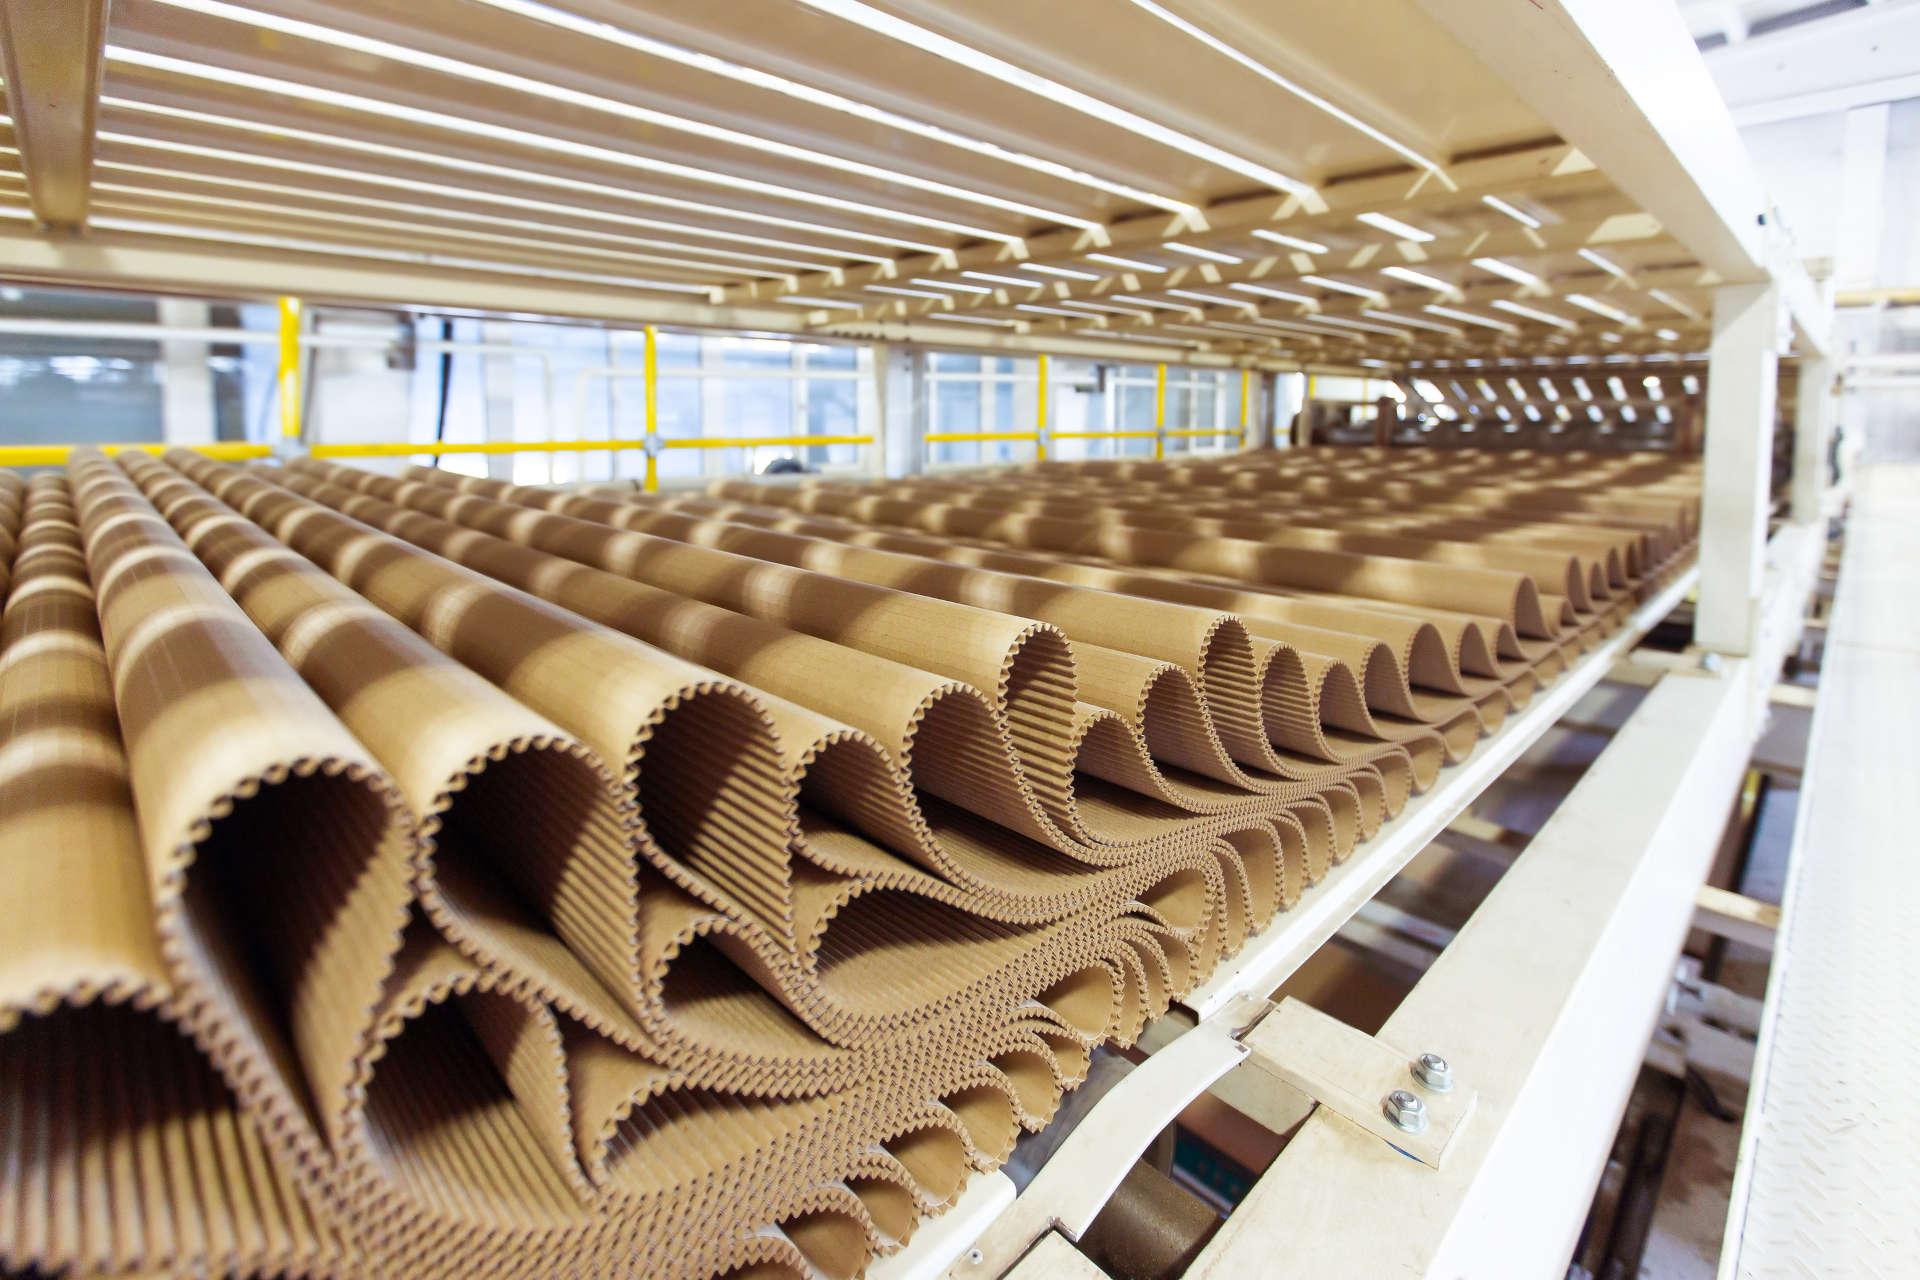 Comment limiter le risque d'incendie et d'explosion dans les usines de production de papier cellulose et d'emballage carton